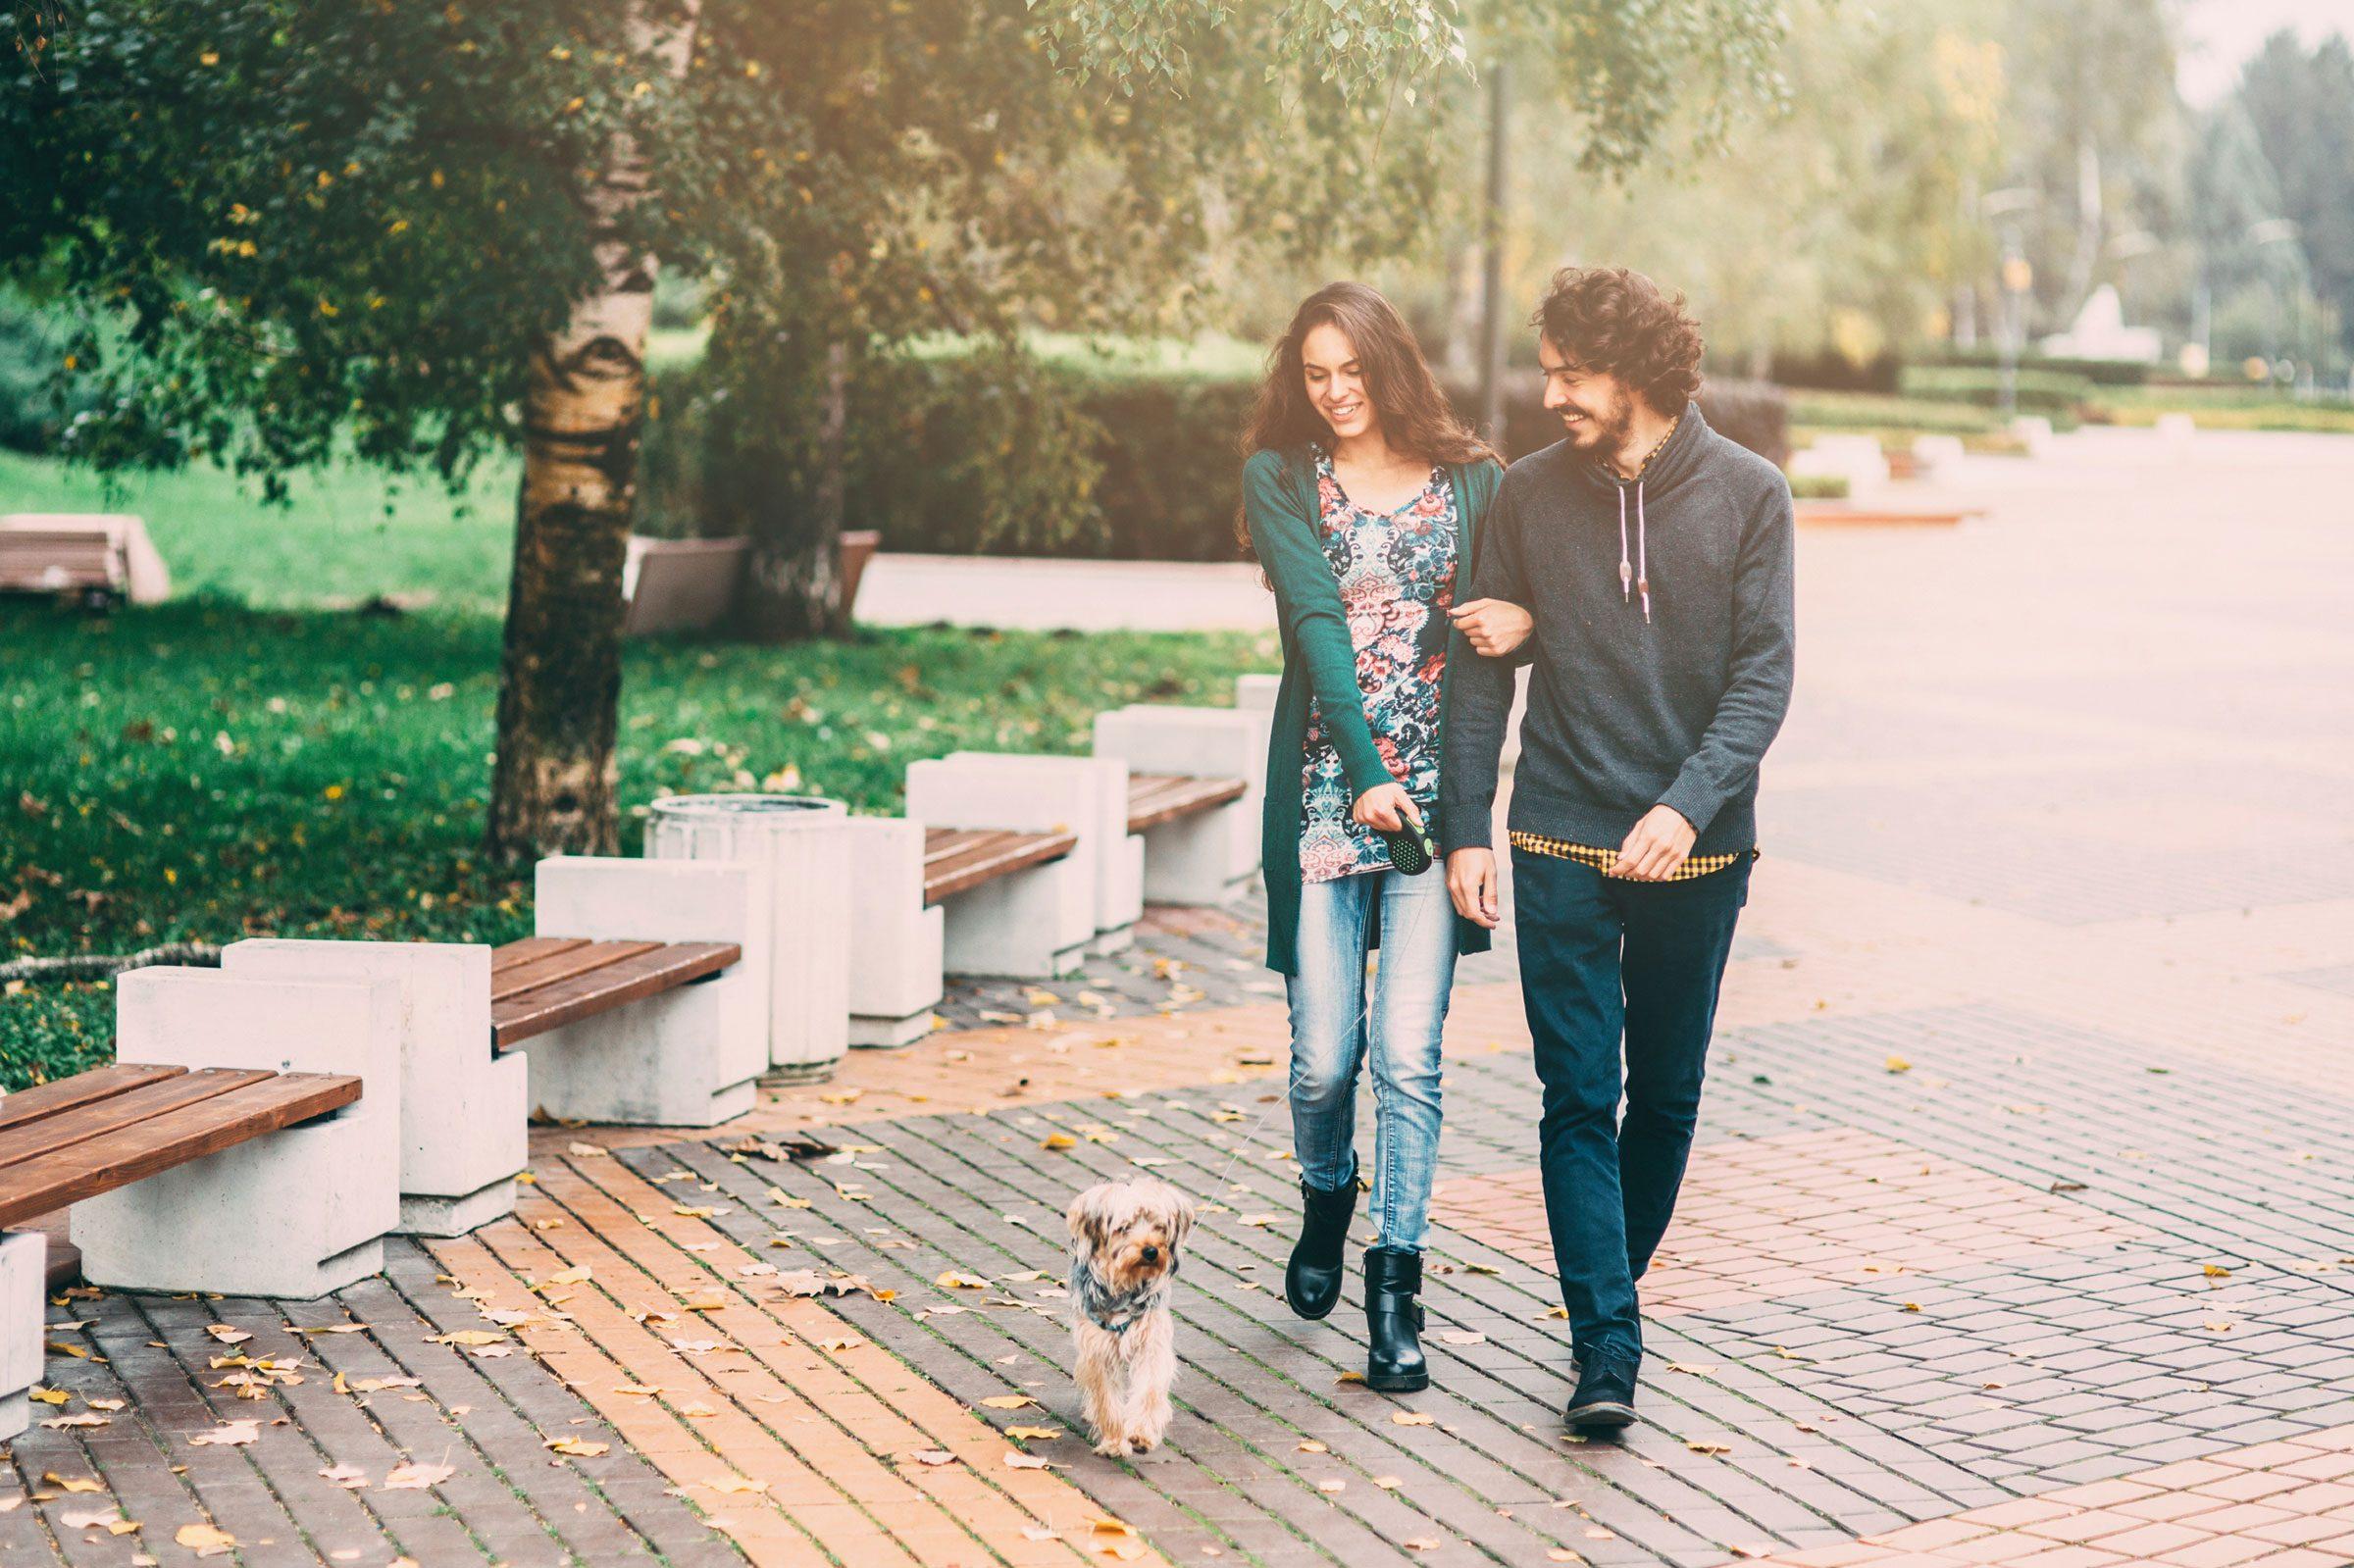 couple-heureux-apres-travail-promenade-chien